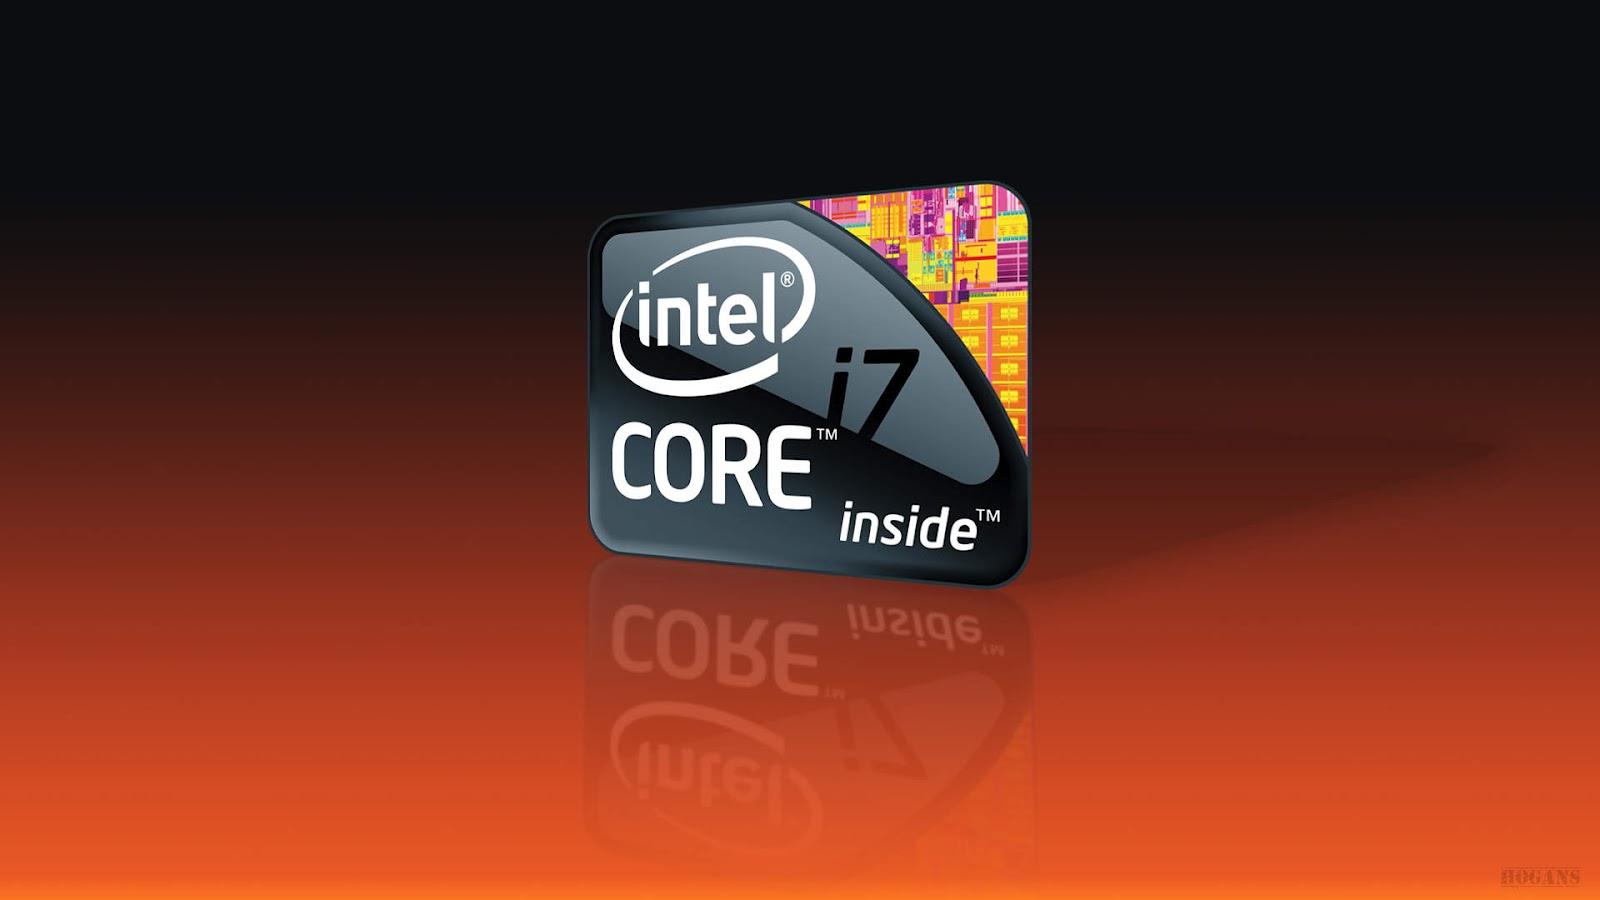 http://3.bp.blogspot.com/-Nx2rWb4oJ-M/T5mOgXGLrGI/AAAAAAAADzs/rbdXmH6M0xA/s1600/Computers-Intel-Core-i7-No-Speed-Limit-wallpapers.jpg